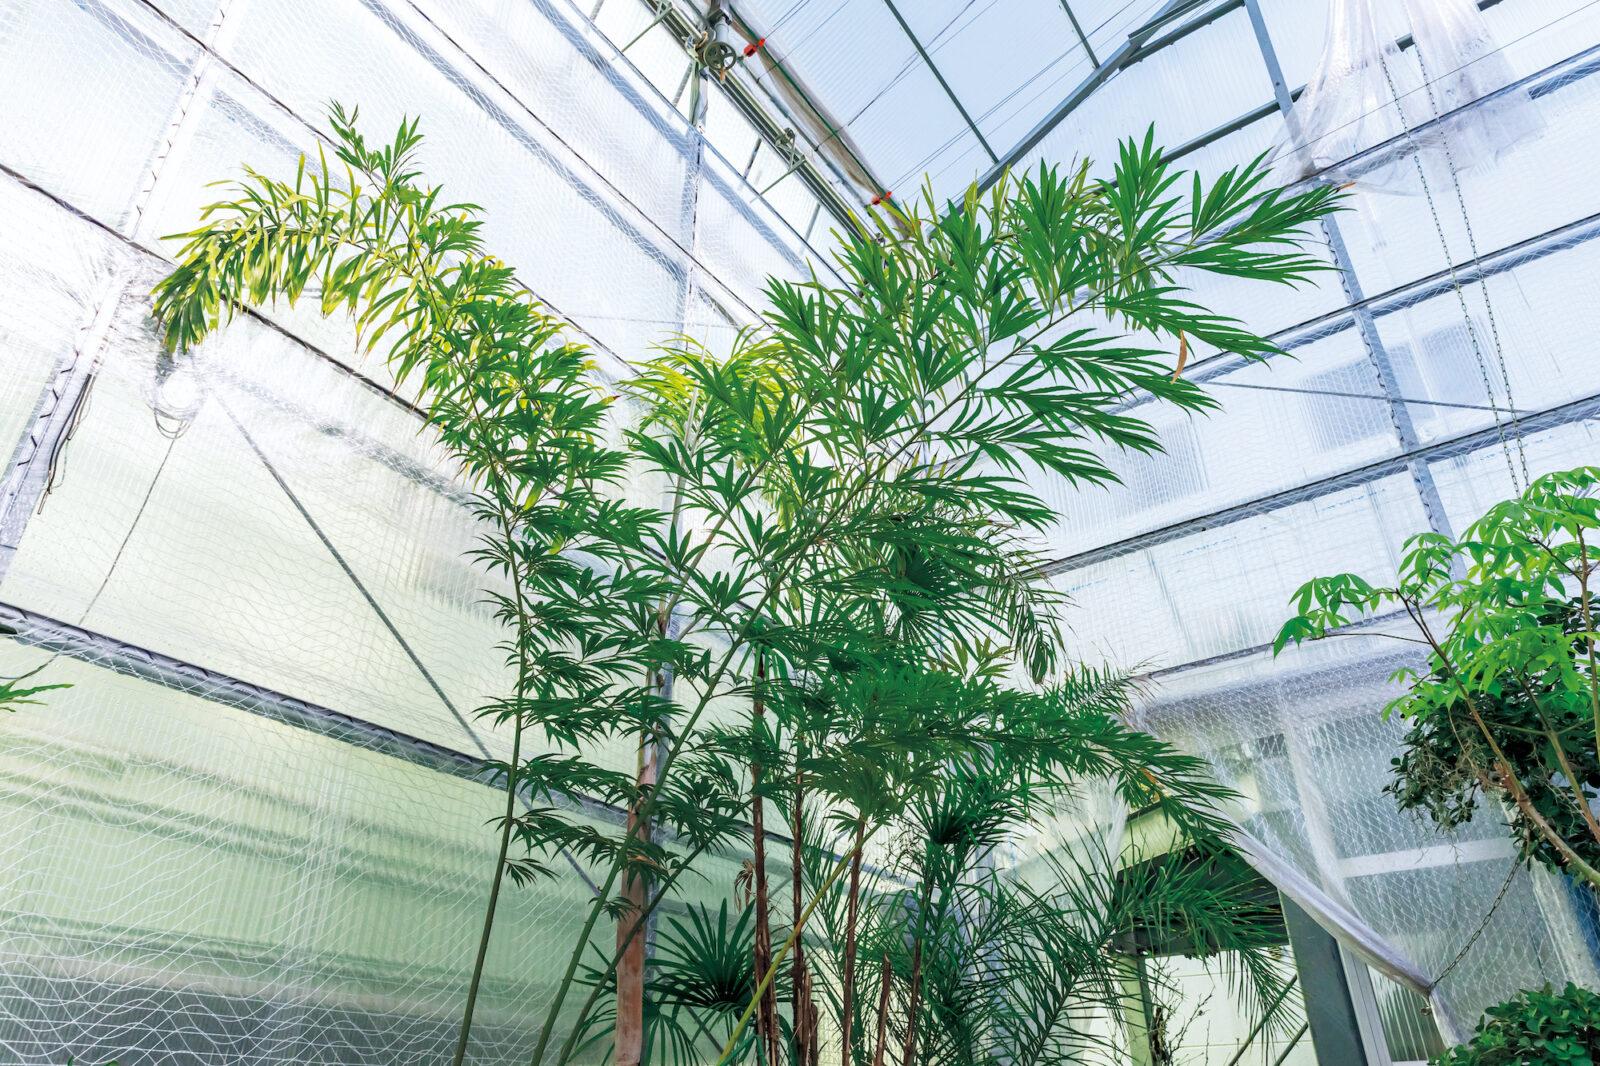 Cycas debaoensis/サイカス デバオエンシス貴重な雌株!中国原産の貴重品種で現在は保護されている品種。鉢植えでも幹が大きくなってくると3メーター近くの葉を美しく展開する。しかも数少ない雌株になる……。現在は葉が3枚だがかなりのボリューム!7月末のうちのイベントの飾り付けに使おうかと……。